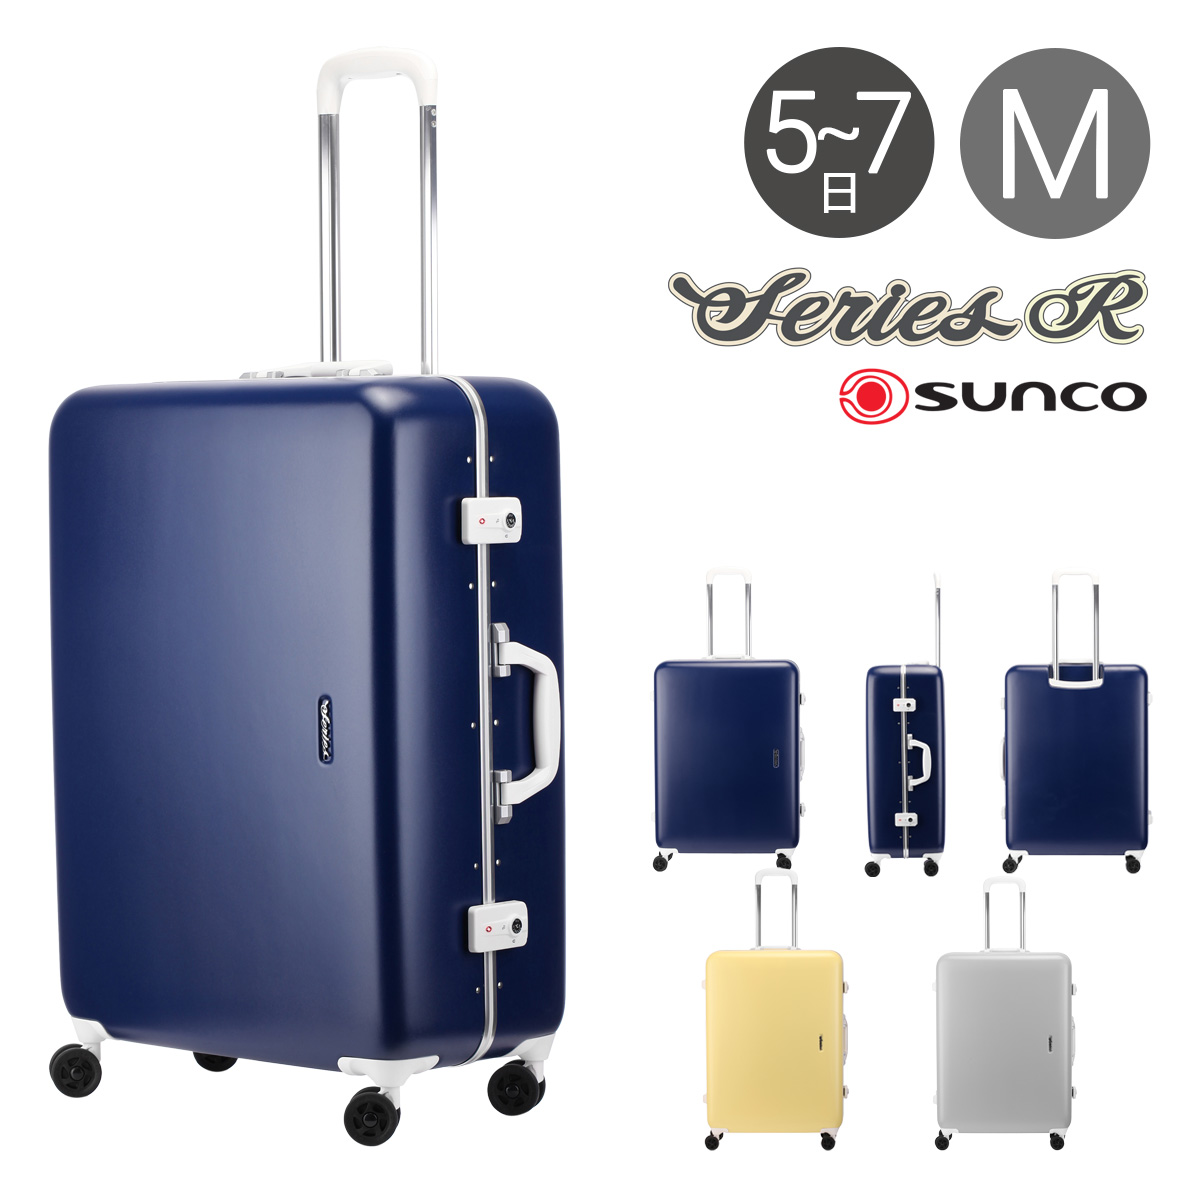 サンコー スーツケース|75L 66cm 5.2kg SERR-66|軽量 ハード フレーム|SUNCO|静音 TSAロック搭載 HINOMOTO おしゃれ キャリーバッグ キャリーケース[PO10][bef]